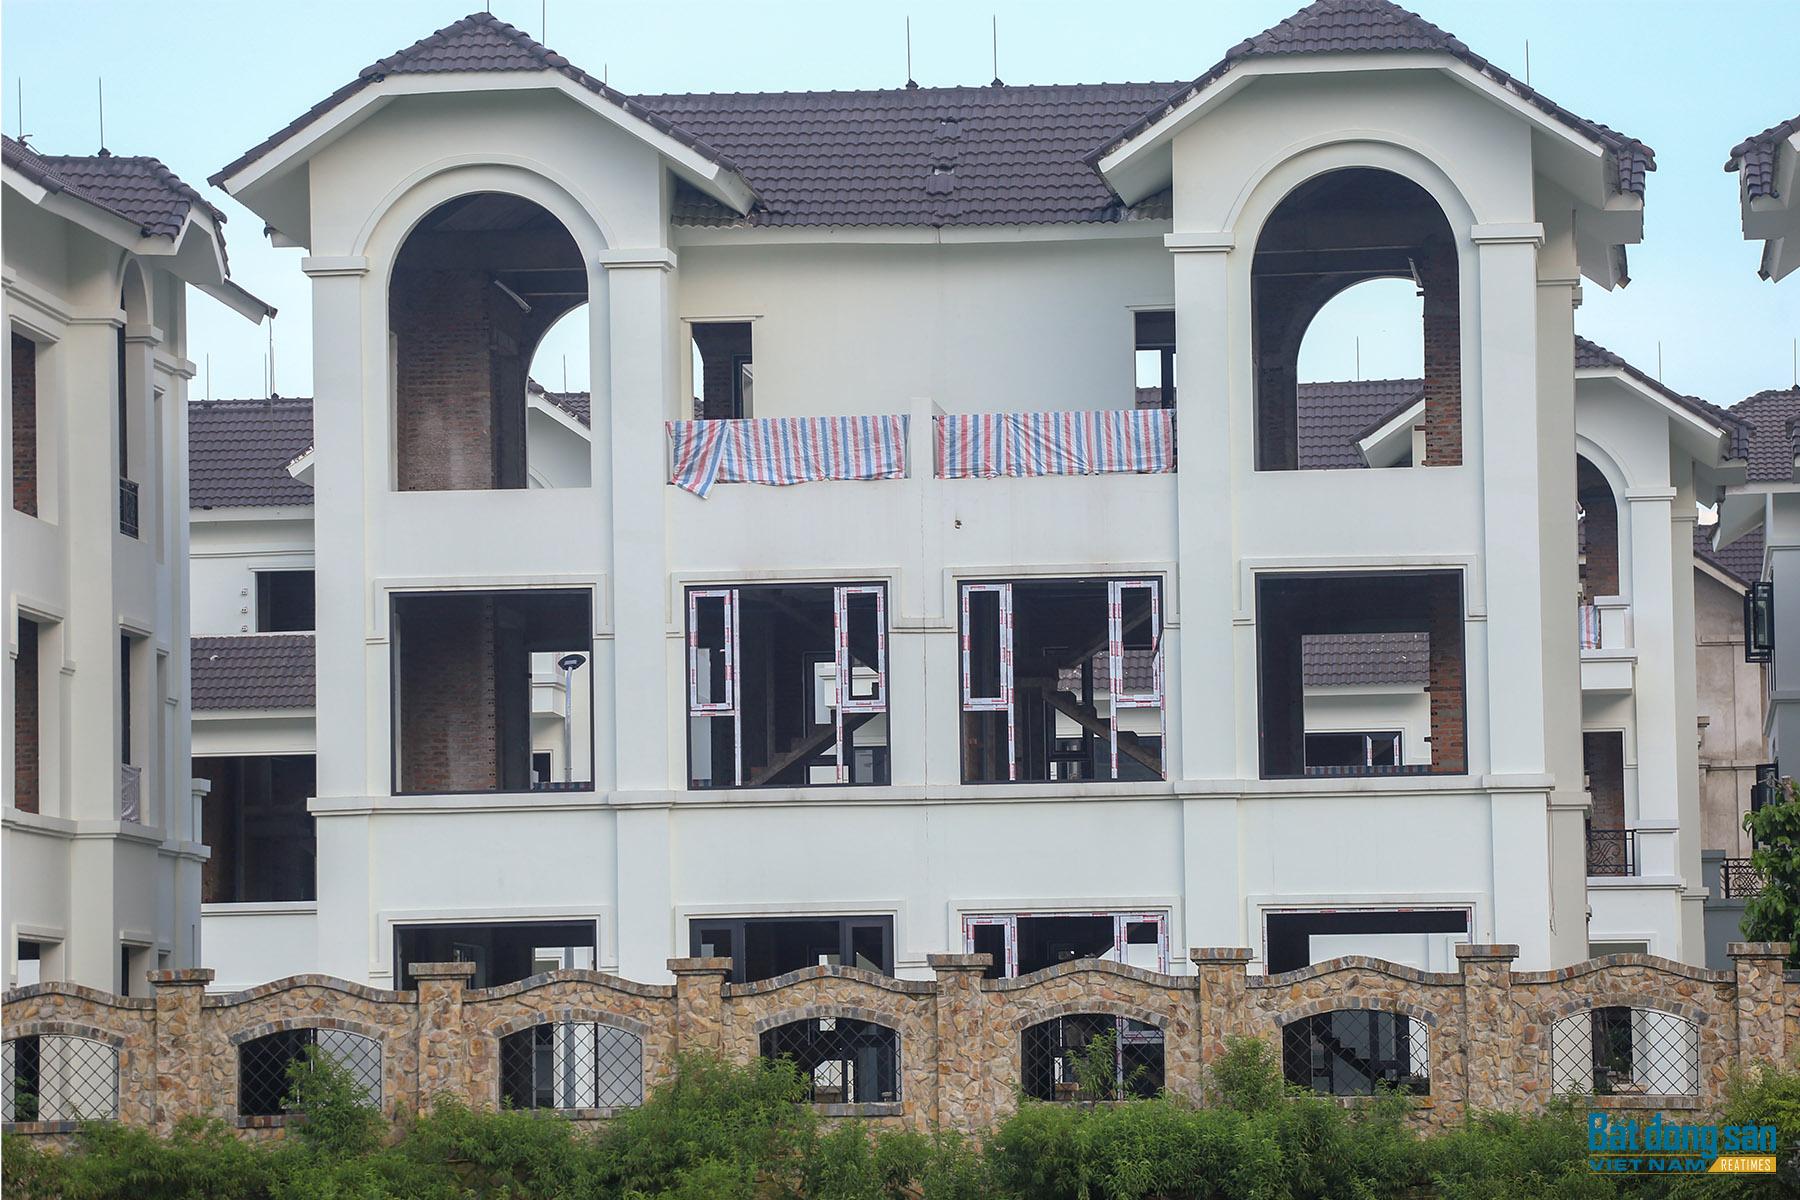 Reatimes_11.png, Dự án 44 căn biệt thự bỏ hoang, làng Đoàn kết